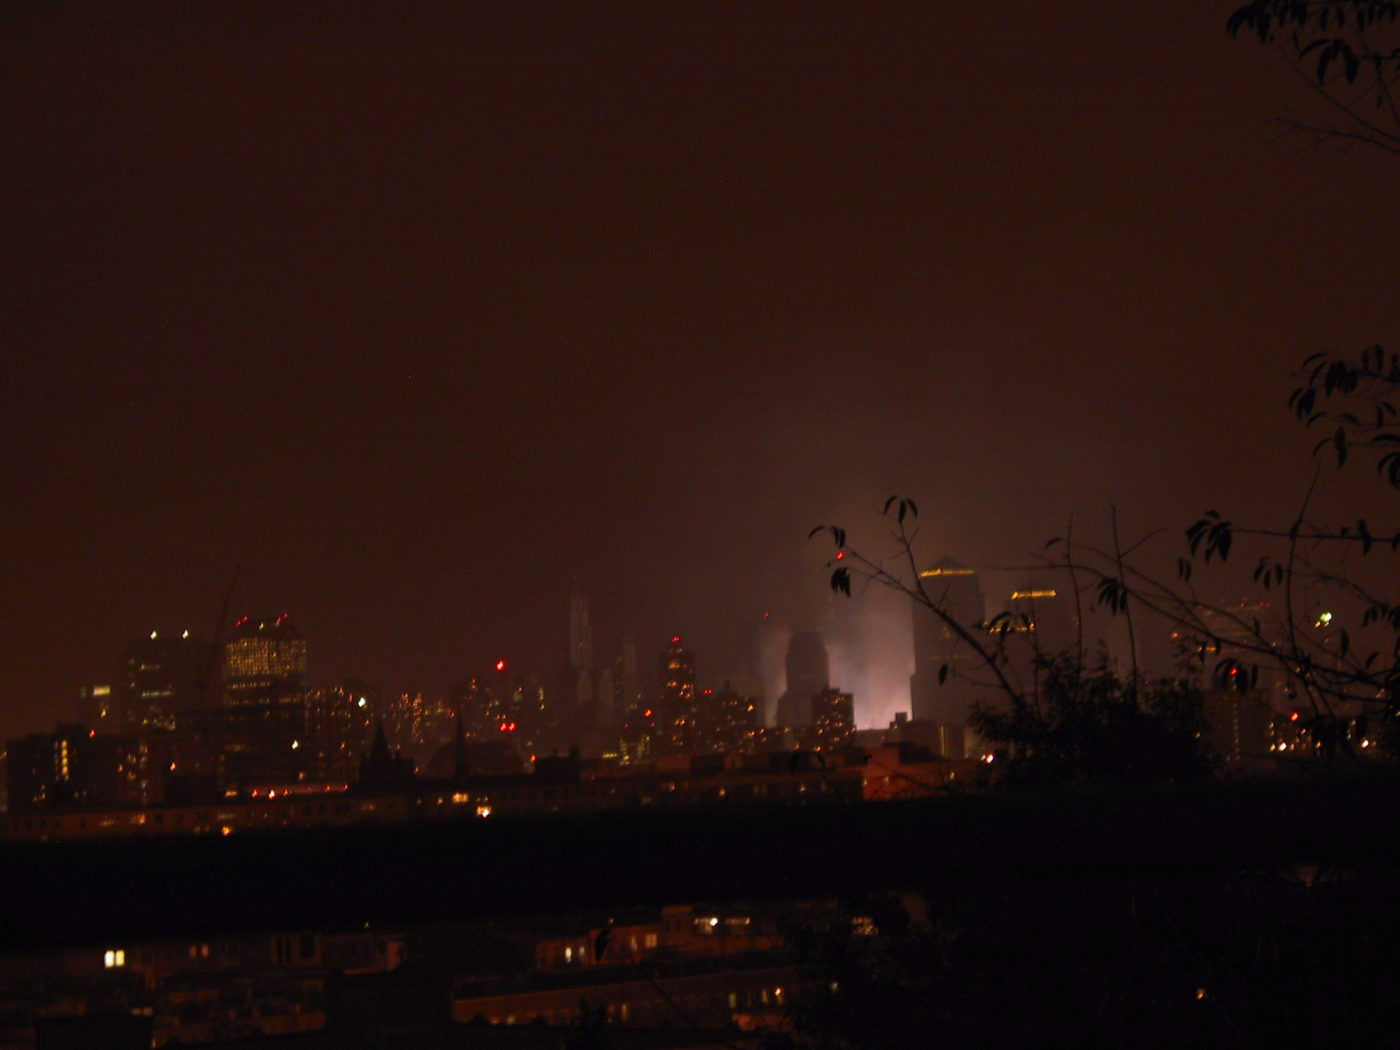 Charles Kramer- View From Hoboken, Fires Still Burning, September 23, 2001